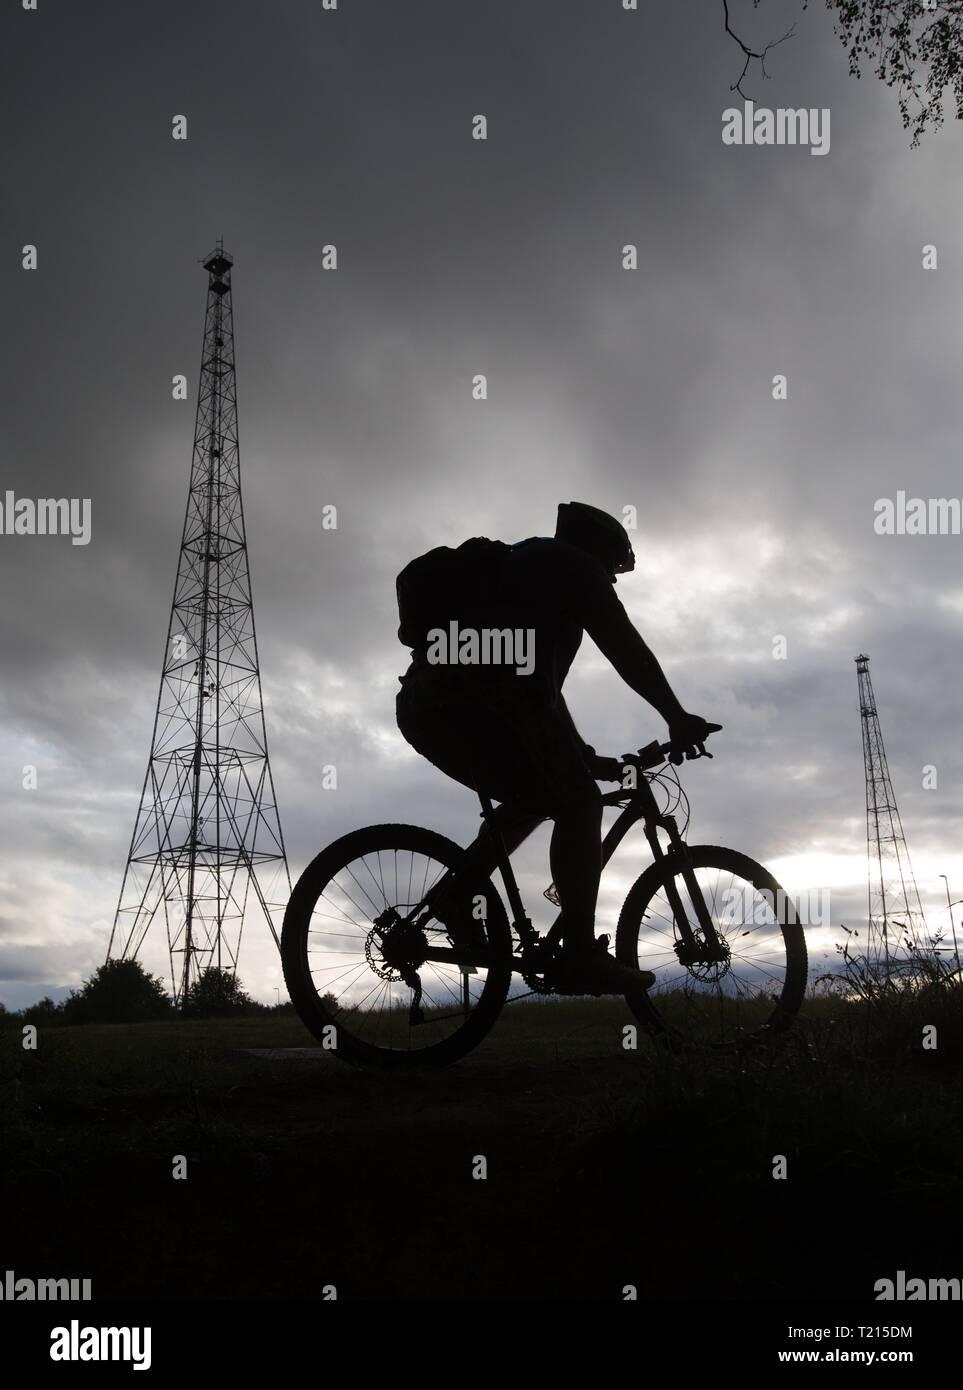 NBER dating cykler